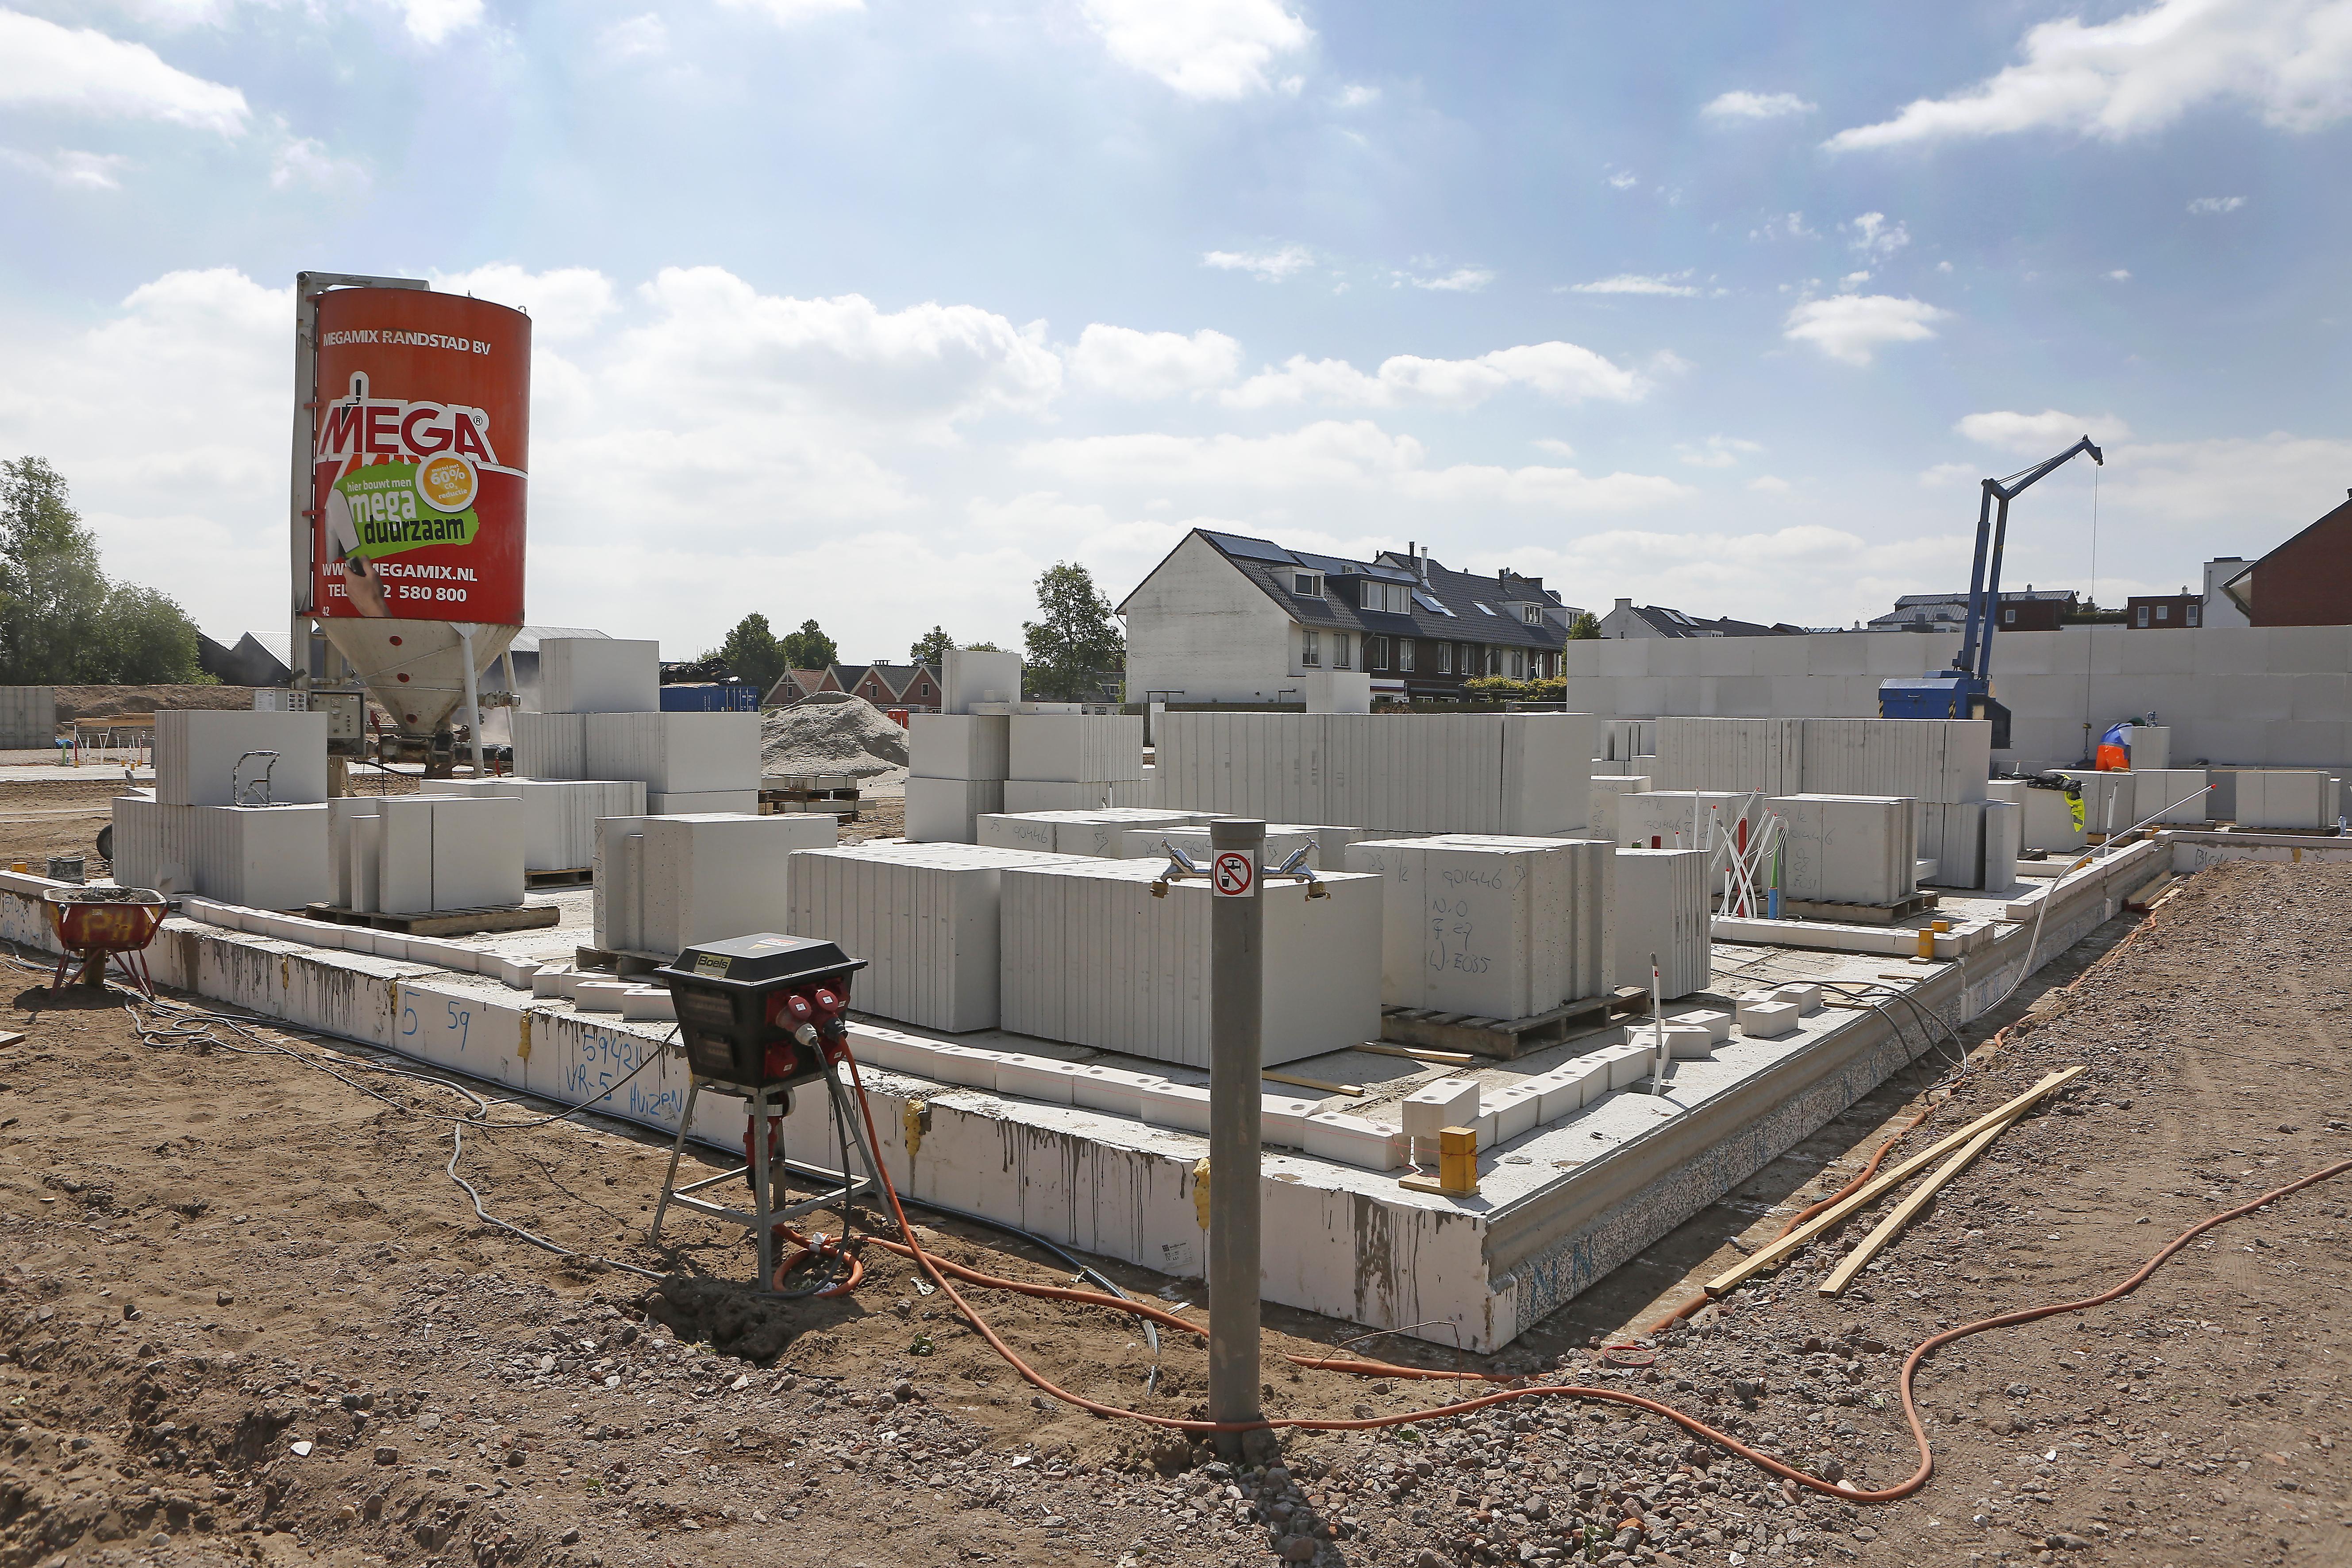 Plan voor 20.000 woningen erbij in Haarlem, Zaanstad, Purmerend, Hilversum en Amsterdam